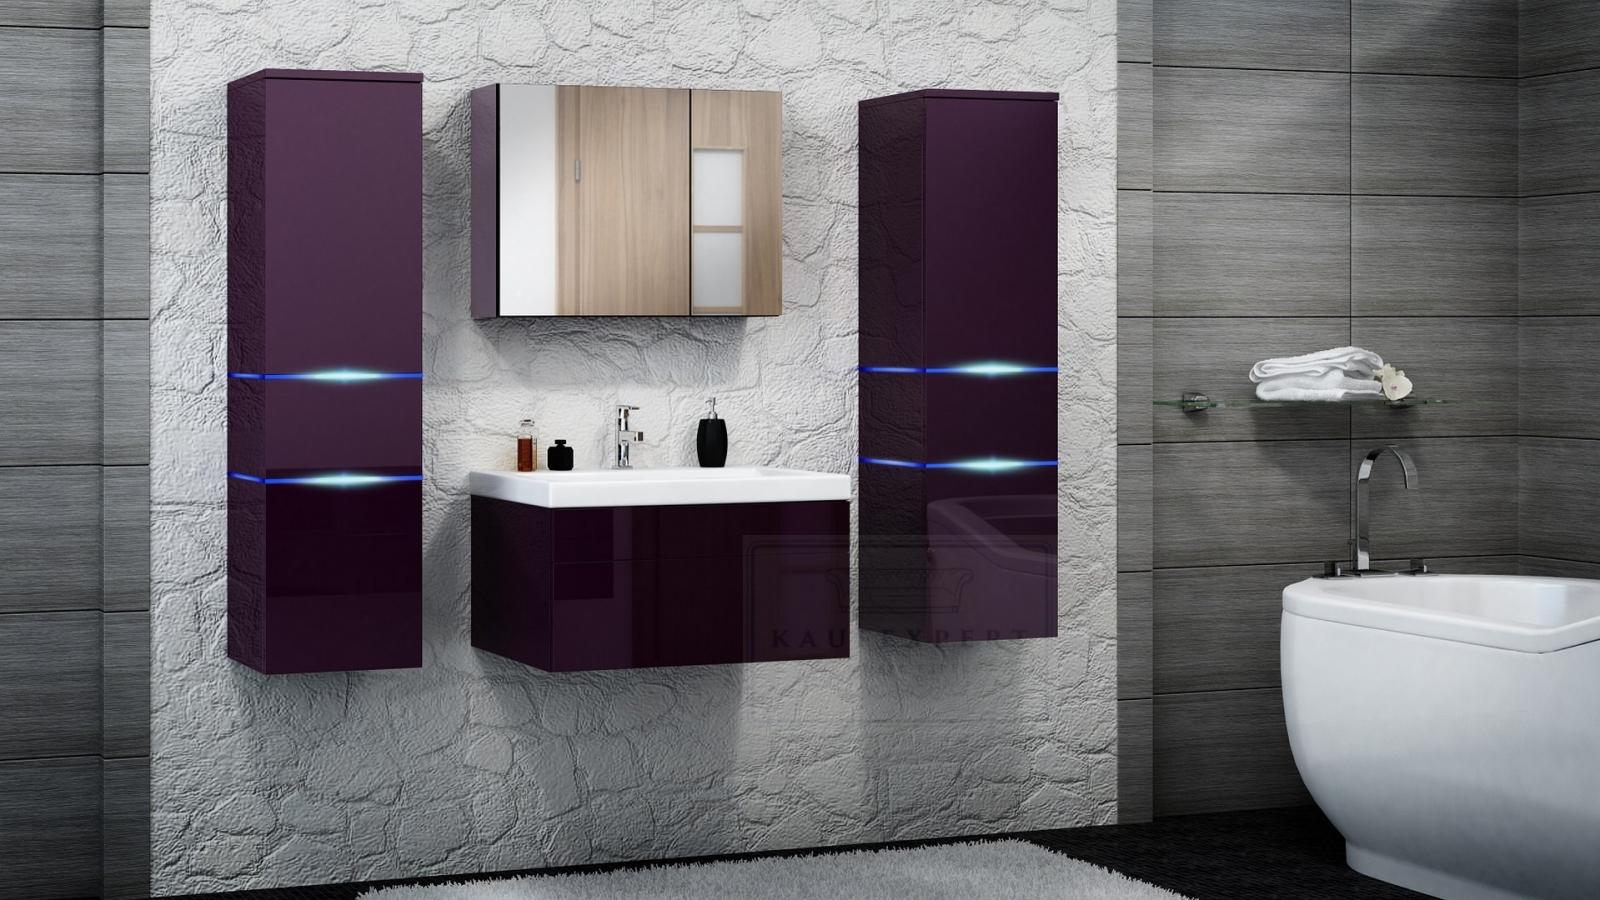 kaufexpert - badmöbel-set prestige aubergine hochglanz lackiert, Badezimmer